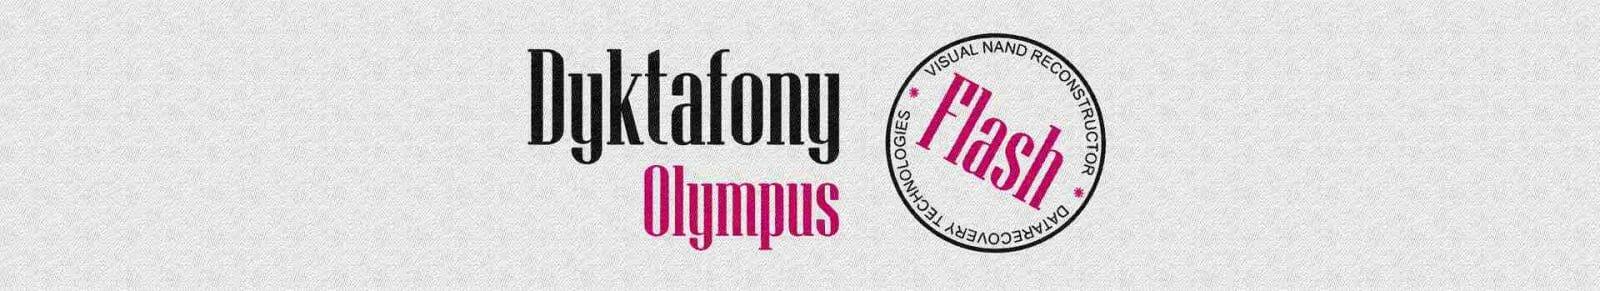 dyktafony olympus odzysk danych dyktafony olympus odzysk danych dyktafony Olympus 2 A 1920x349